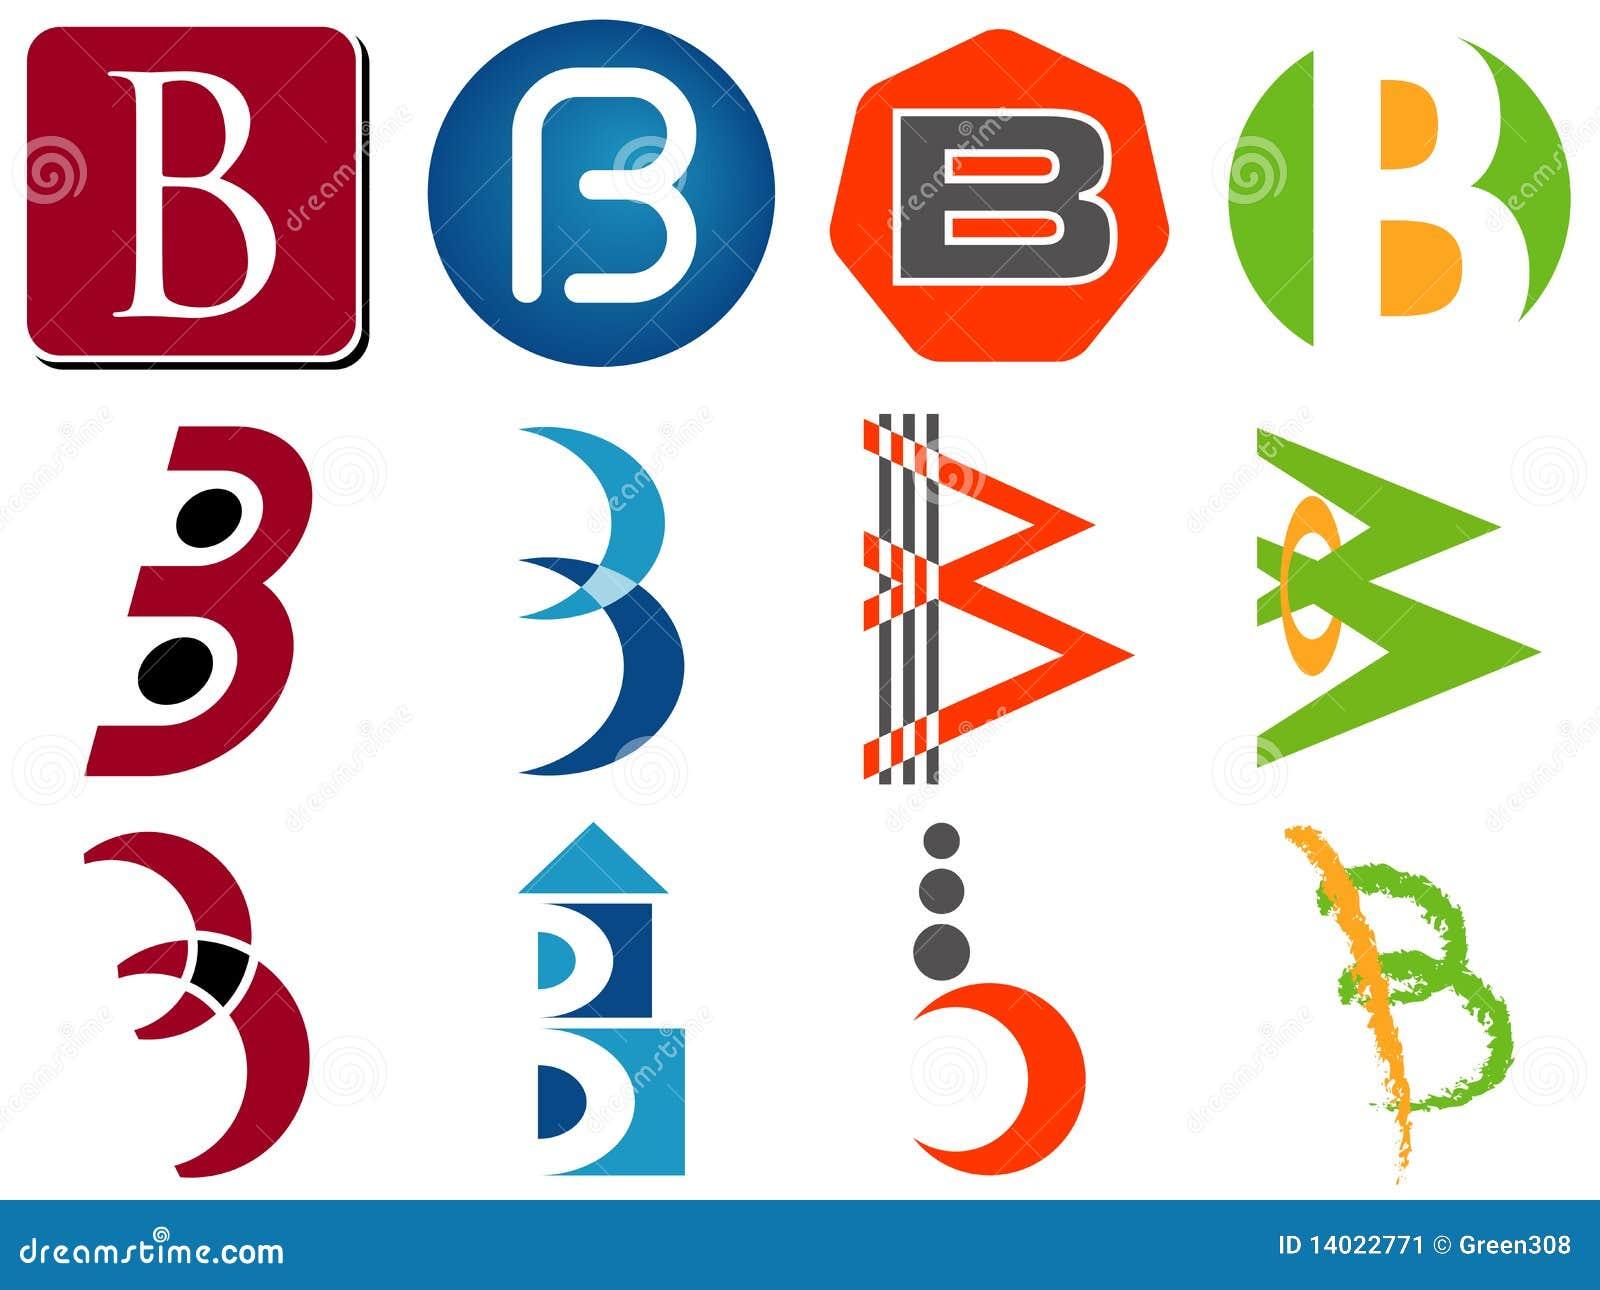 Как сделать значки на буквы